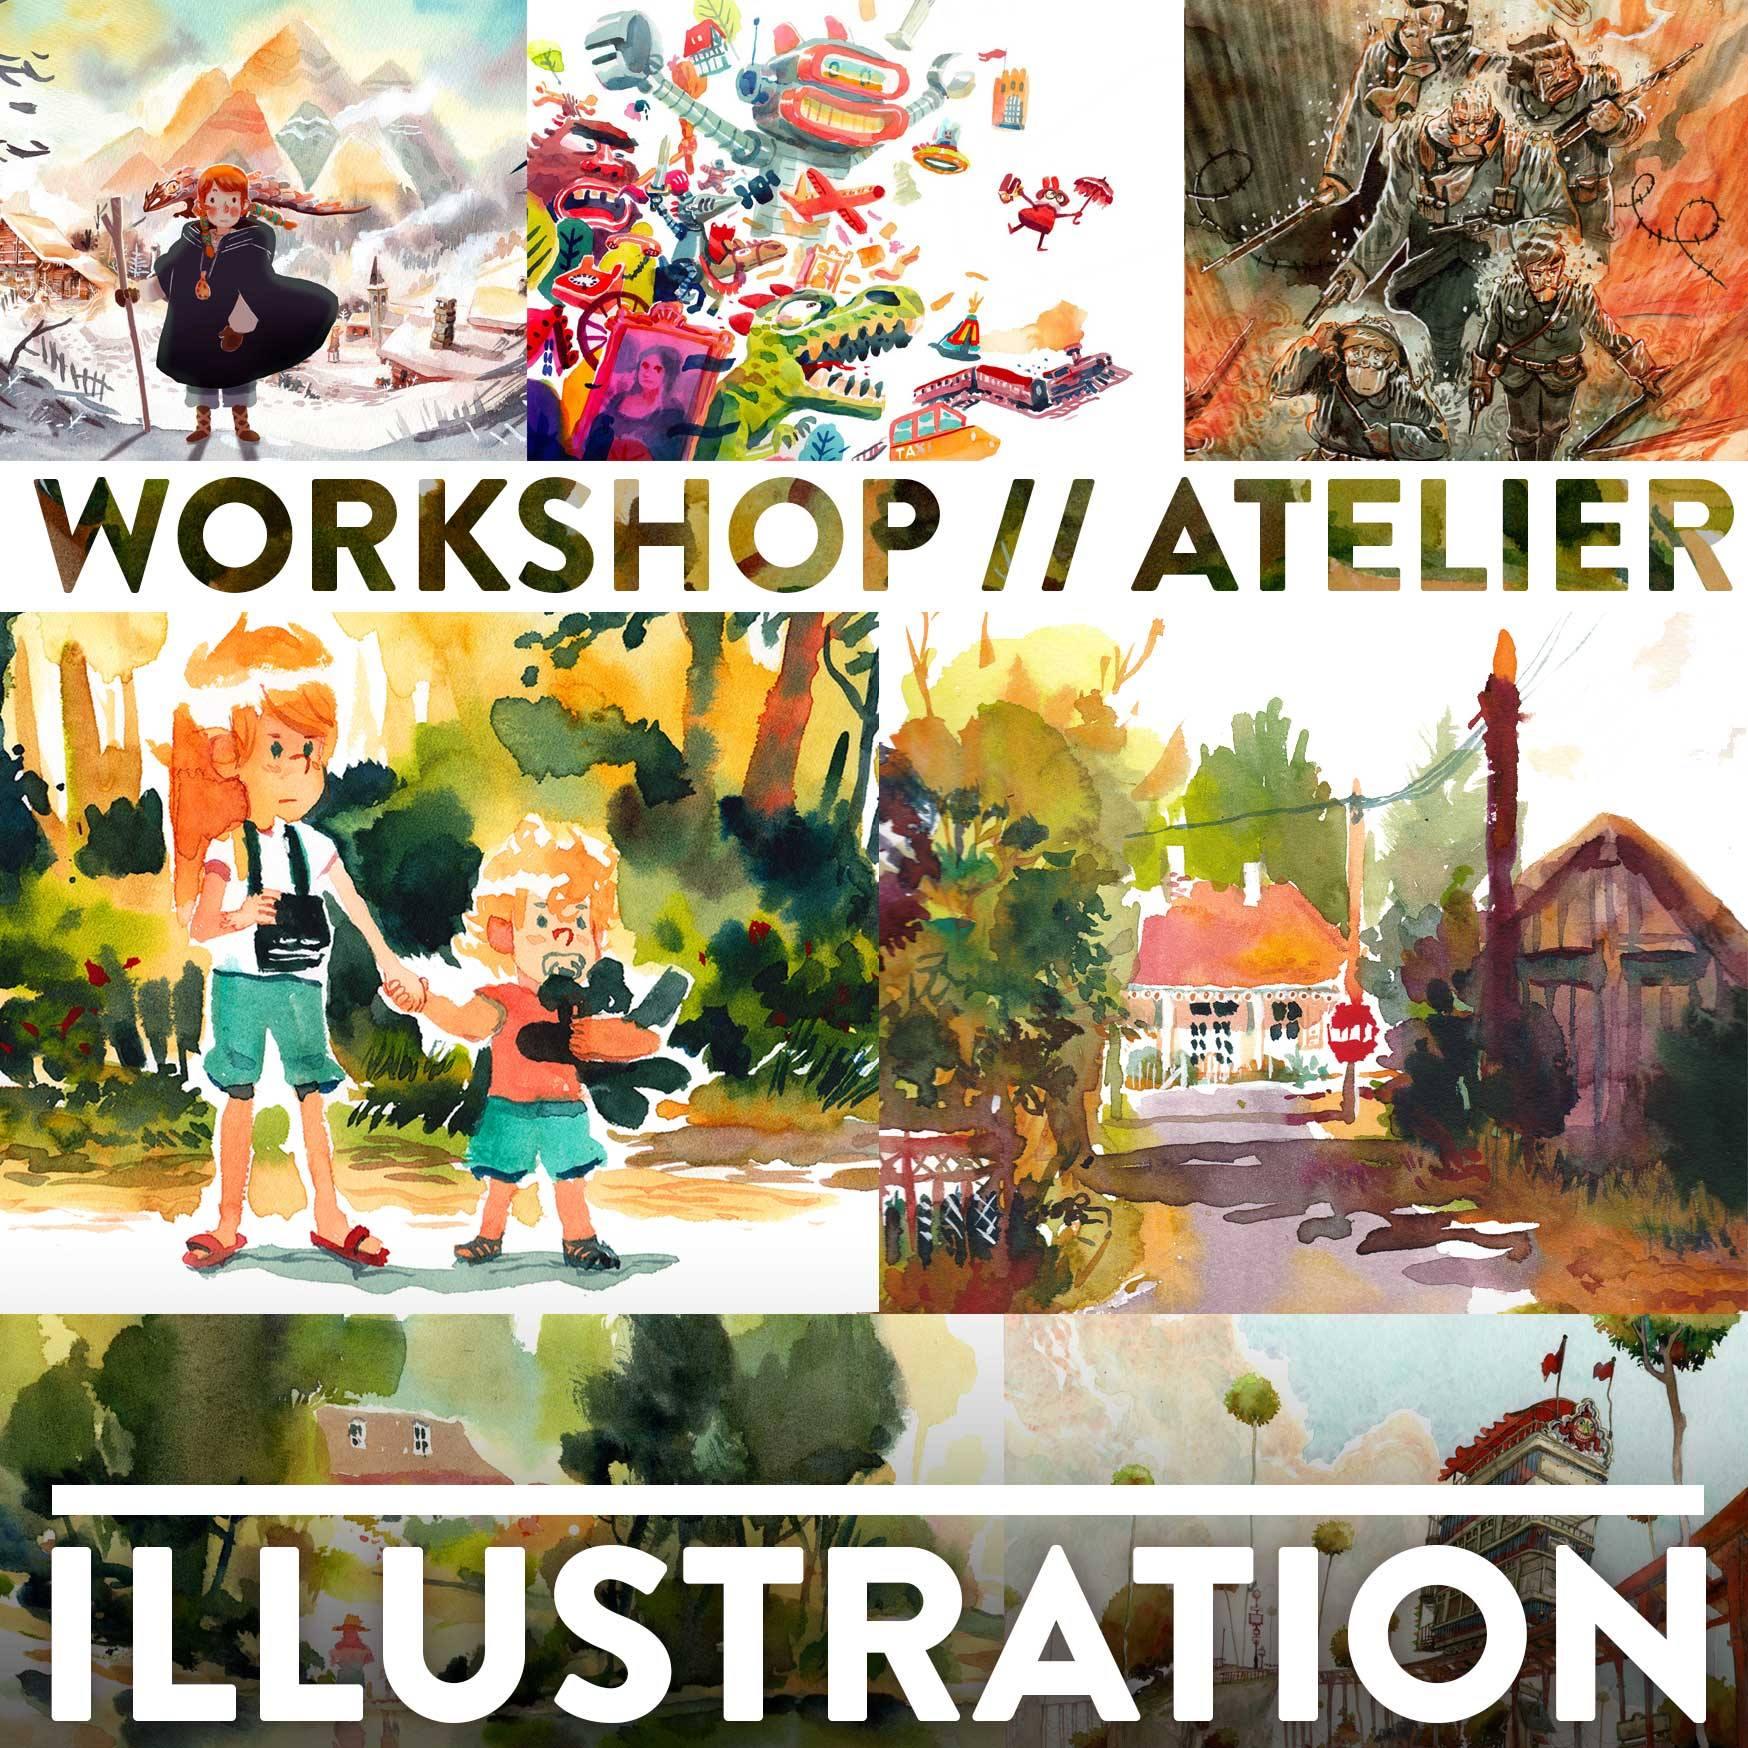 workshops/ateliers